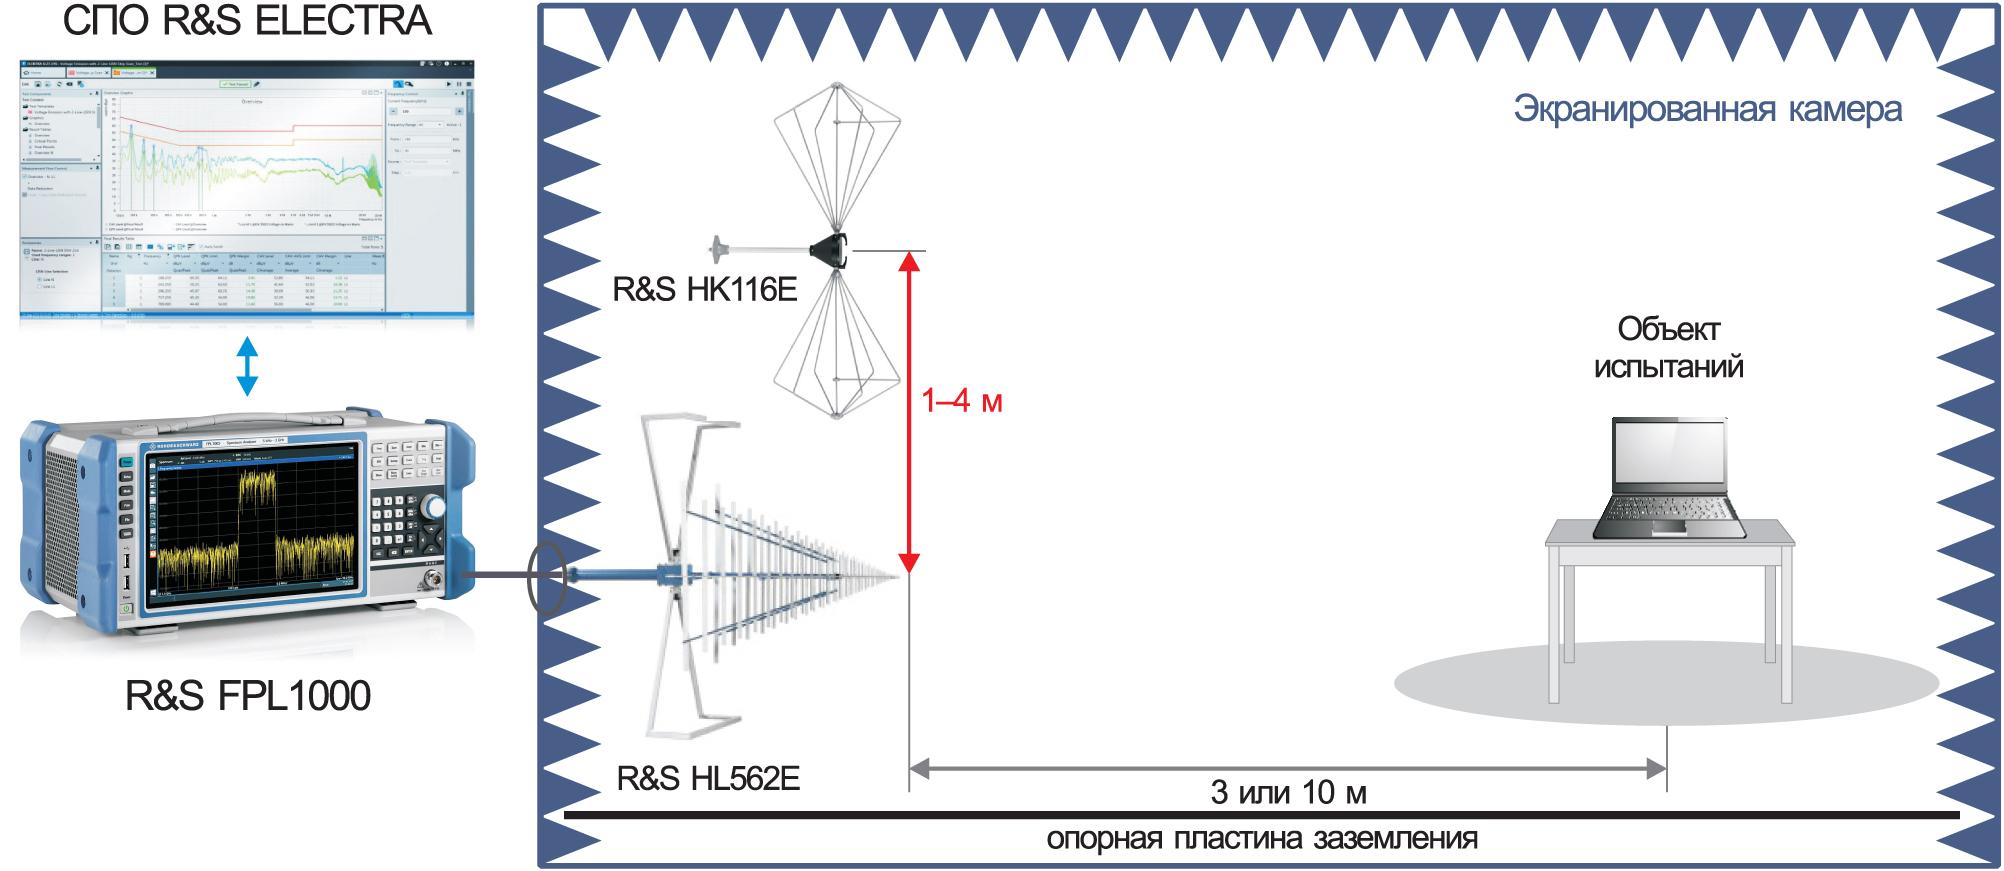 Схема измерительной установки для анализа эмиссии излучаемых радиопомех в диапазоне частот 30 МГц — 1 (6) ГГц при использовании ПО R&S ELEKTRA